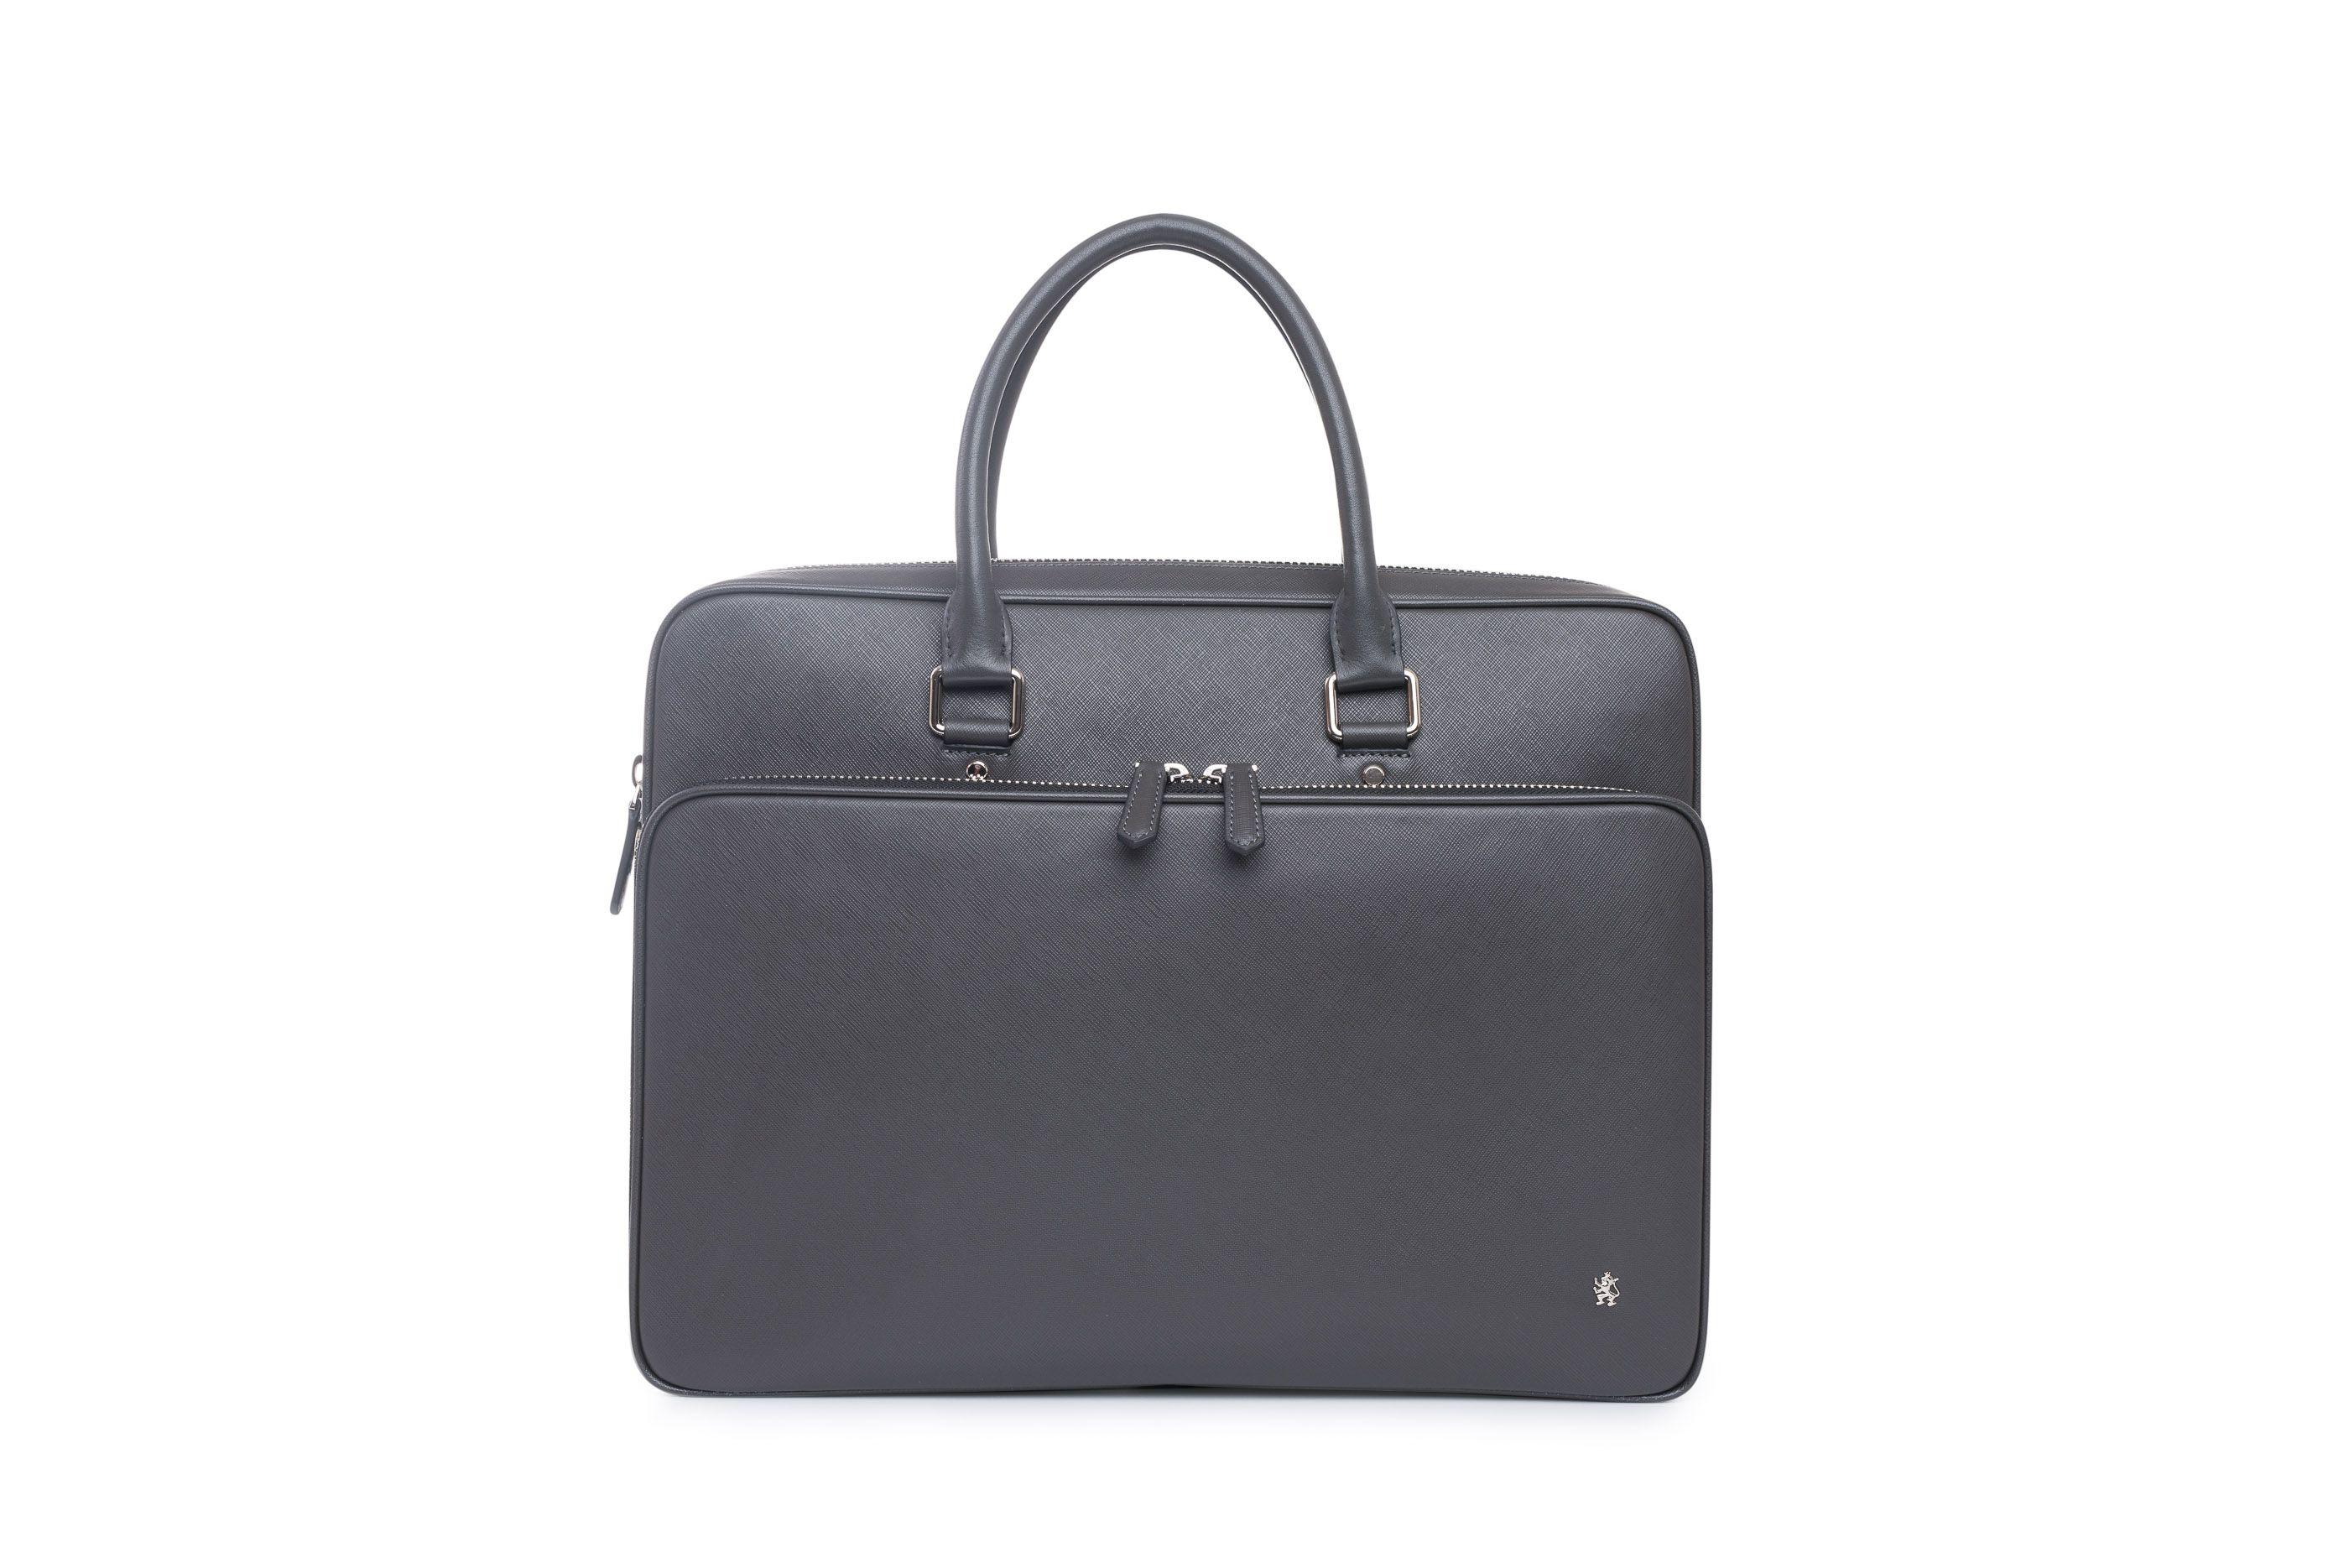 1eba02c4b4 Elegantní pánská taška vyrobená z hovězinové saffiano usně černé barvy.  Hlavní vnitřní prostor a přední